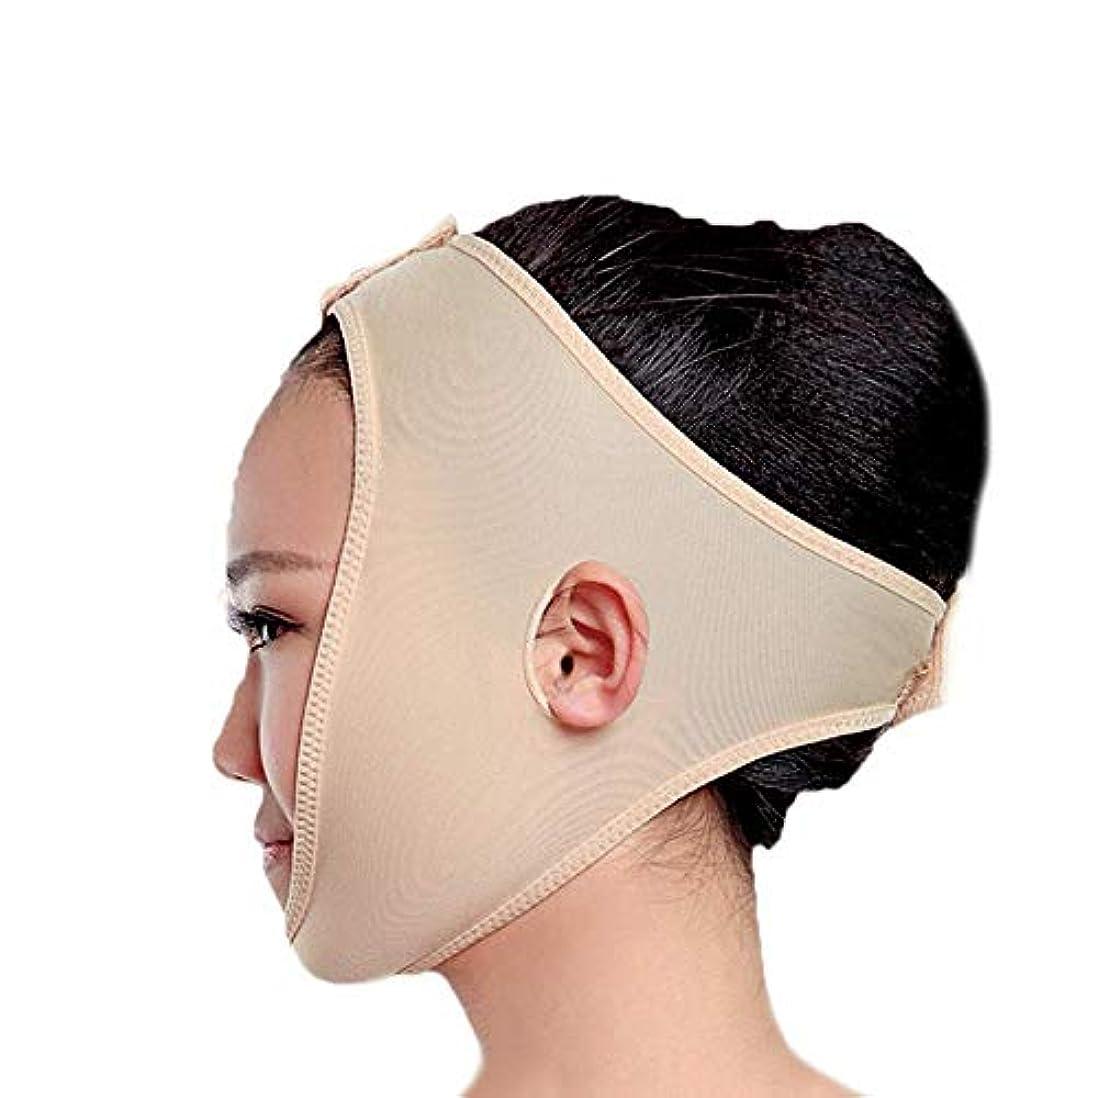 選出する人形れるフェイススリミングマスク、快適さと通気性、フェイシャルリフティング、輪郭の改善された硬さ、ファーミングとリフティングフェイス(カラー:ブラック、サイズ:XL),黄色がかったピンク2、S